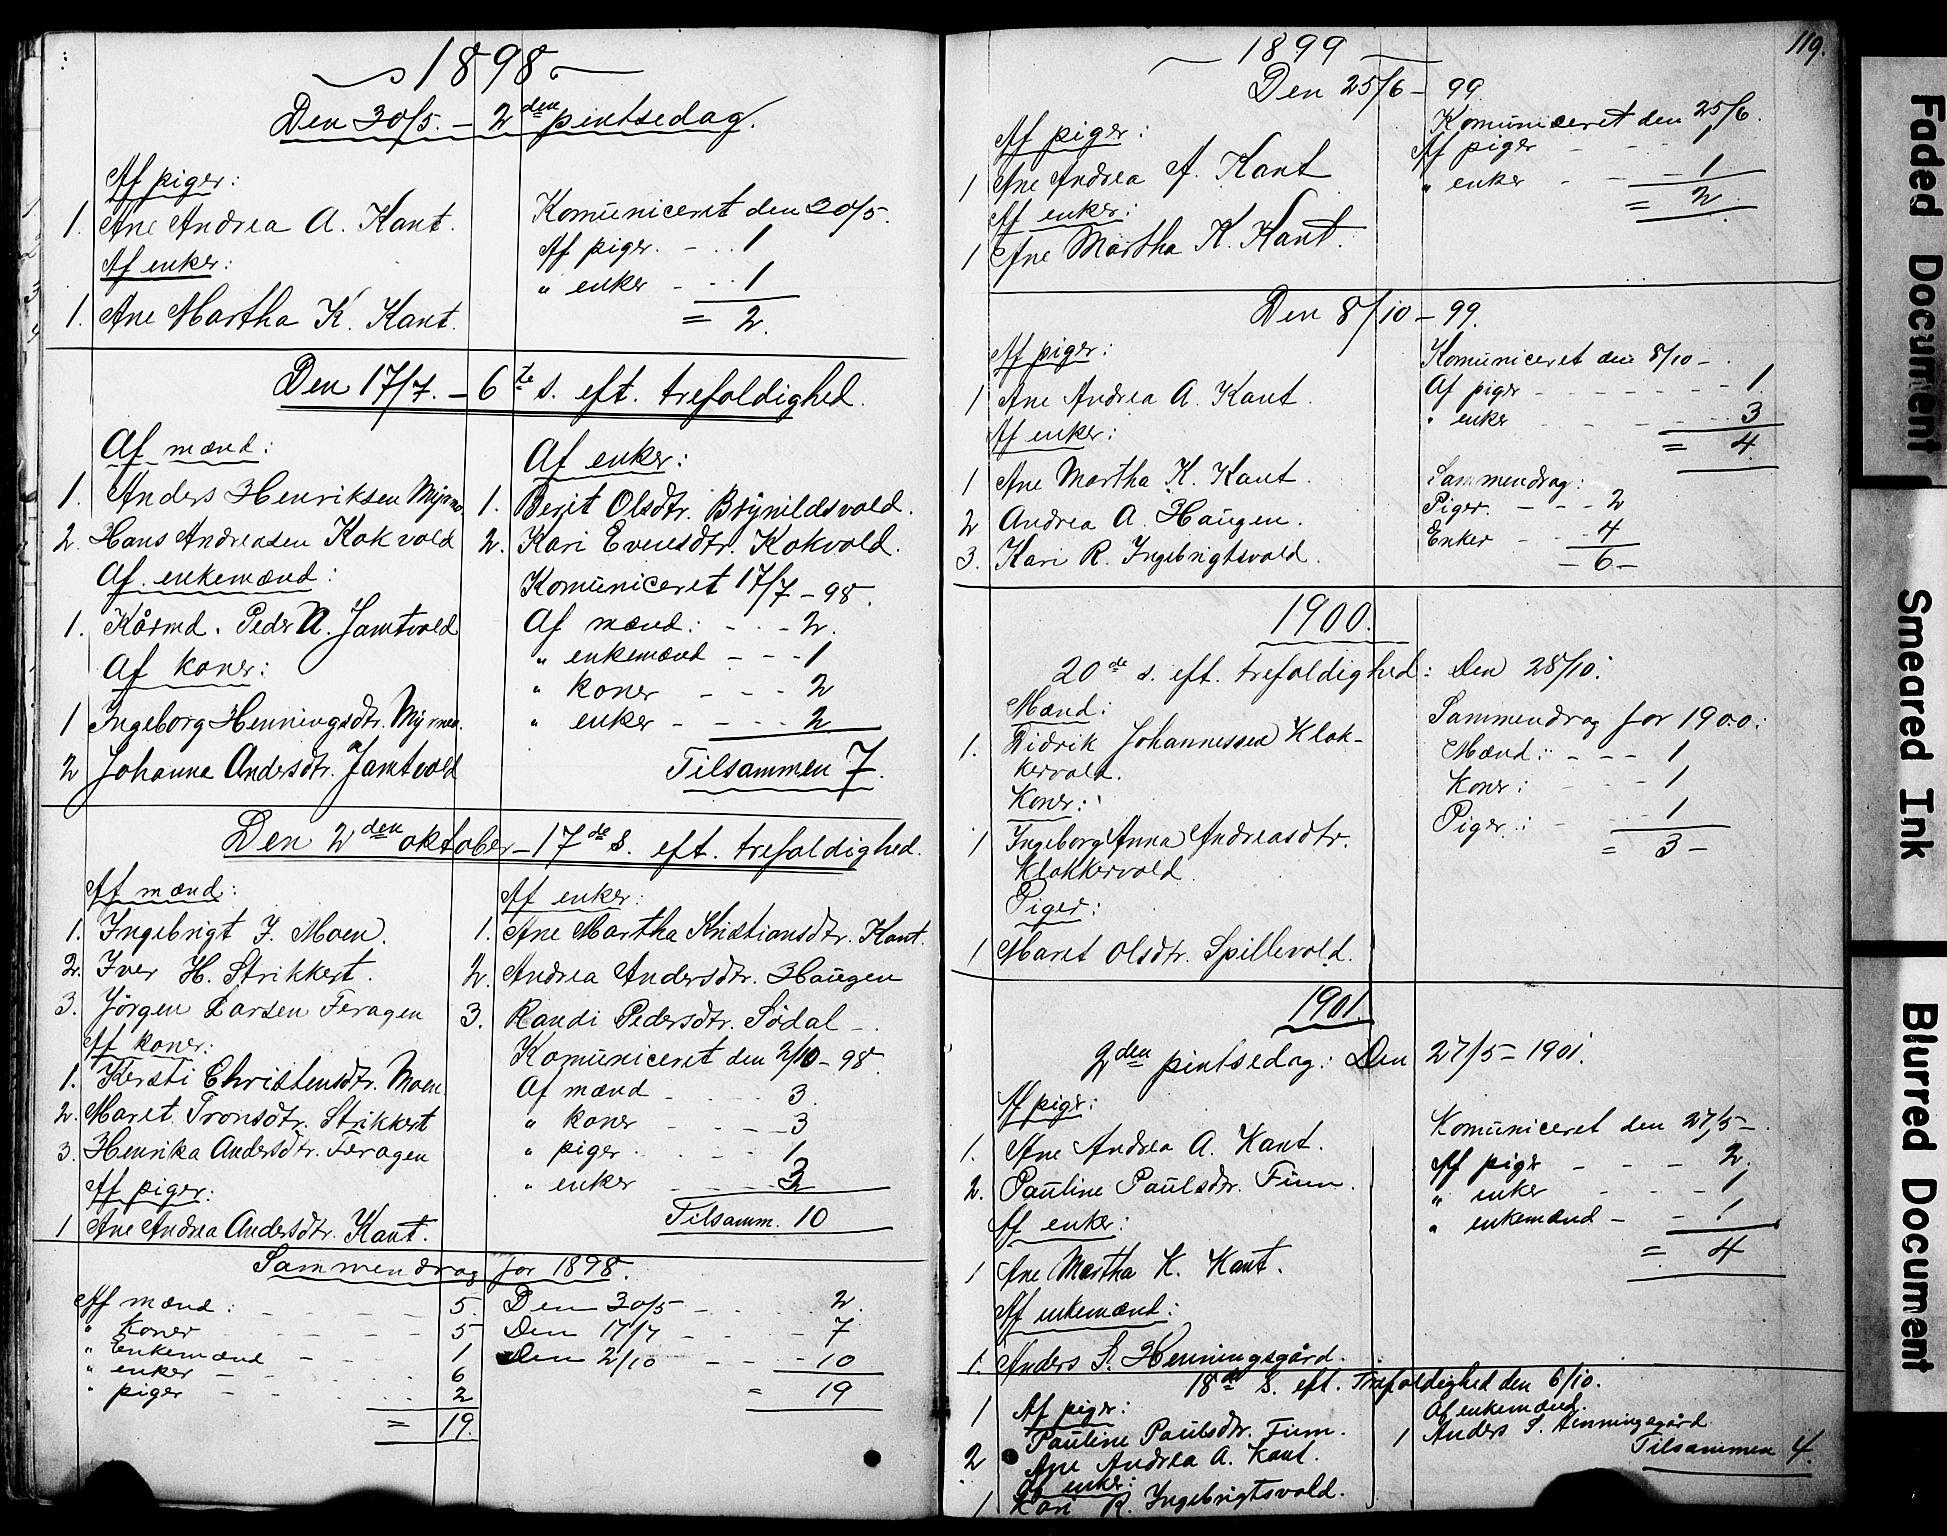 SAT, Ministerialprotokoller, klokkerbøker og fødselsregistre - Sør-Trøndelag, 683/L0949: Klokkerbok nr. 683C01, 1880-1896, s. 119